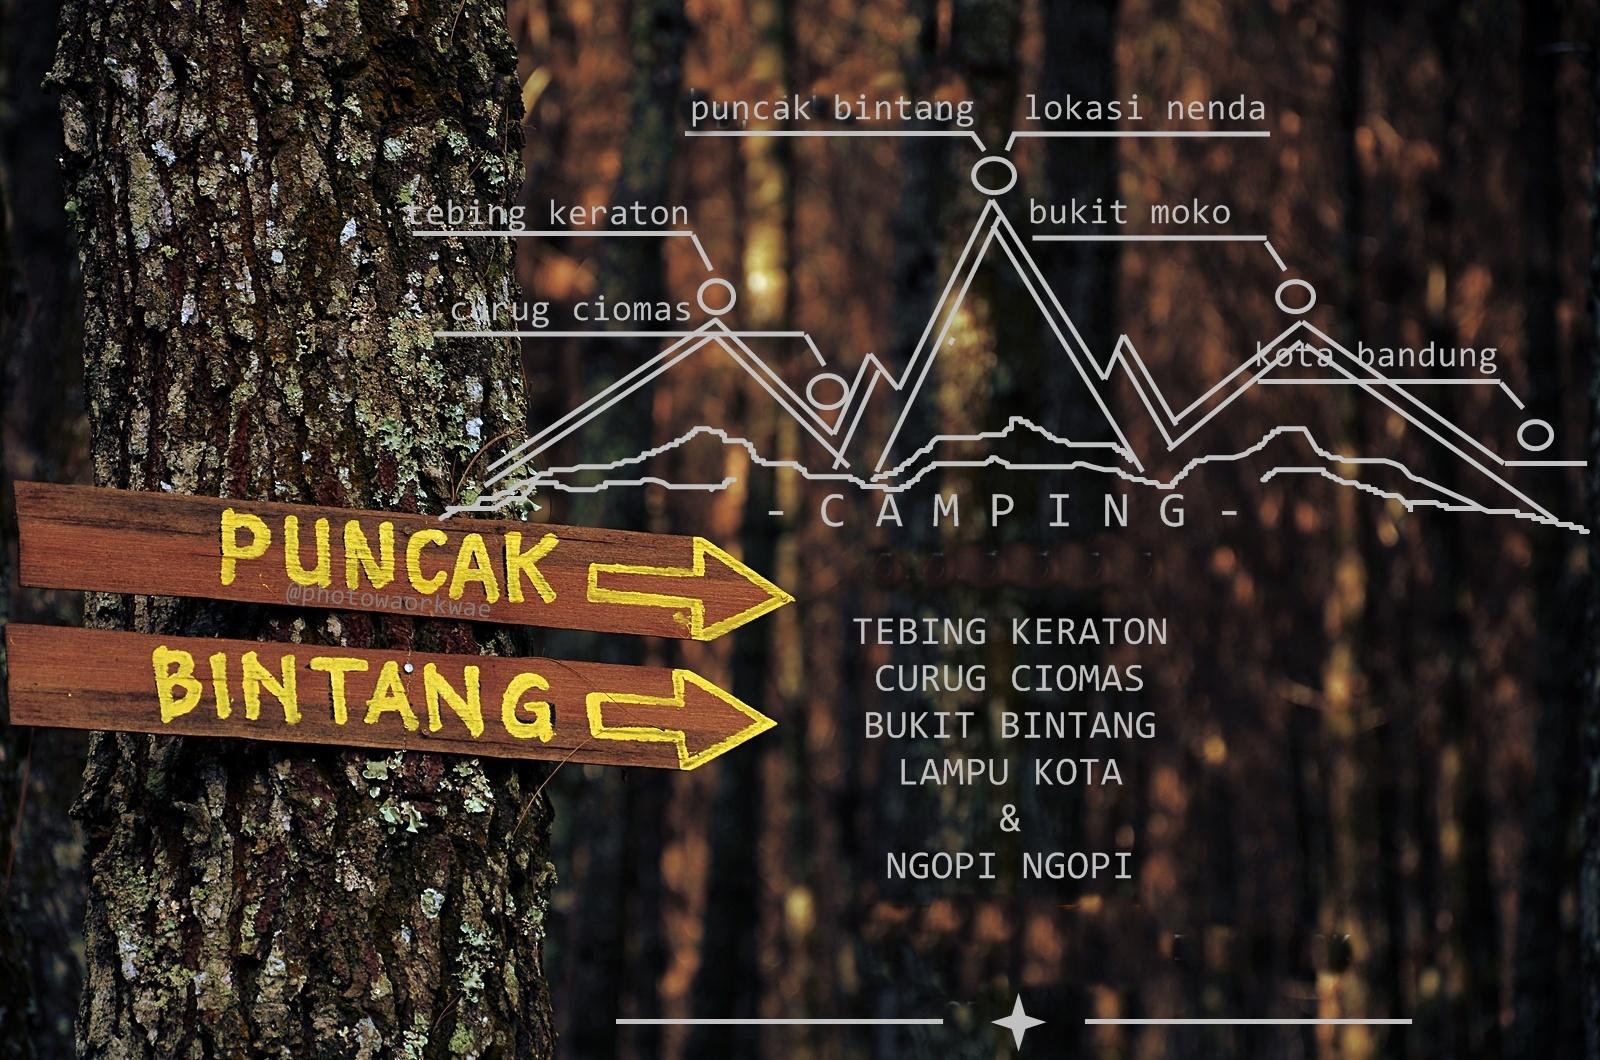 Open Trip Menikmati Malam Puncak Bintang Bandung Berpejalan Bukit Berbintang